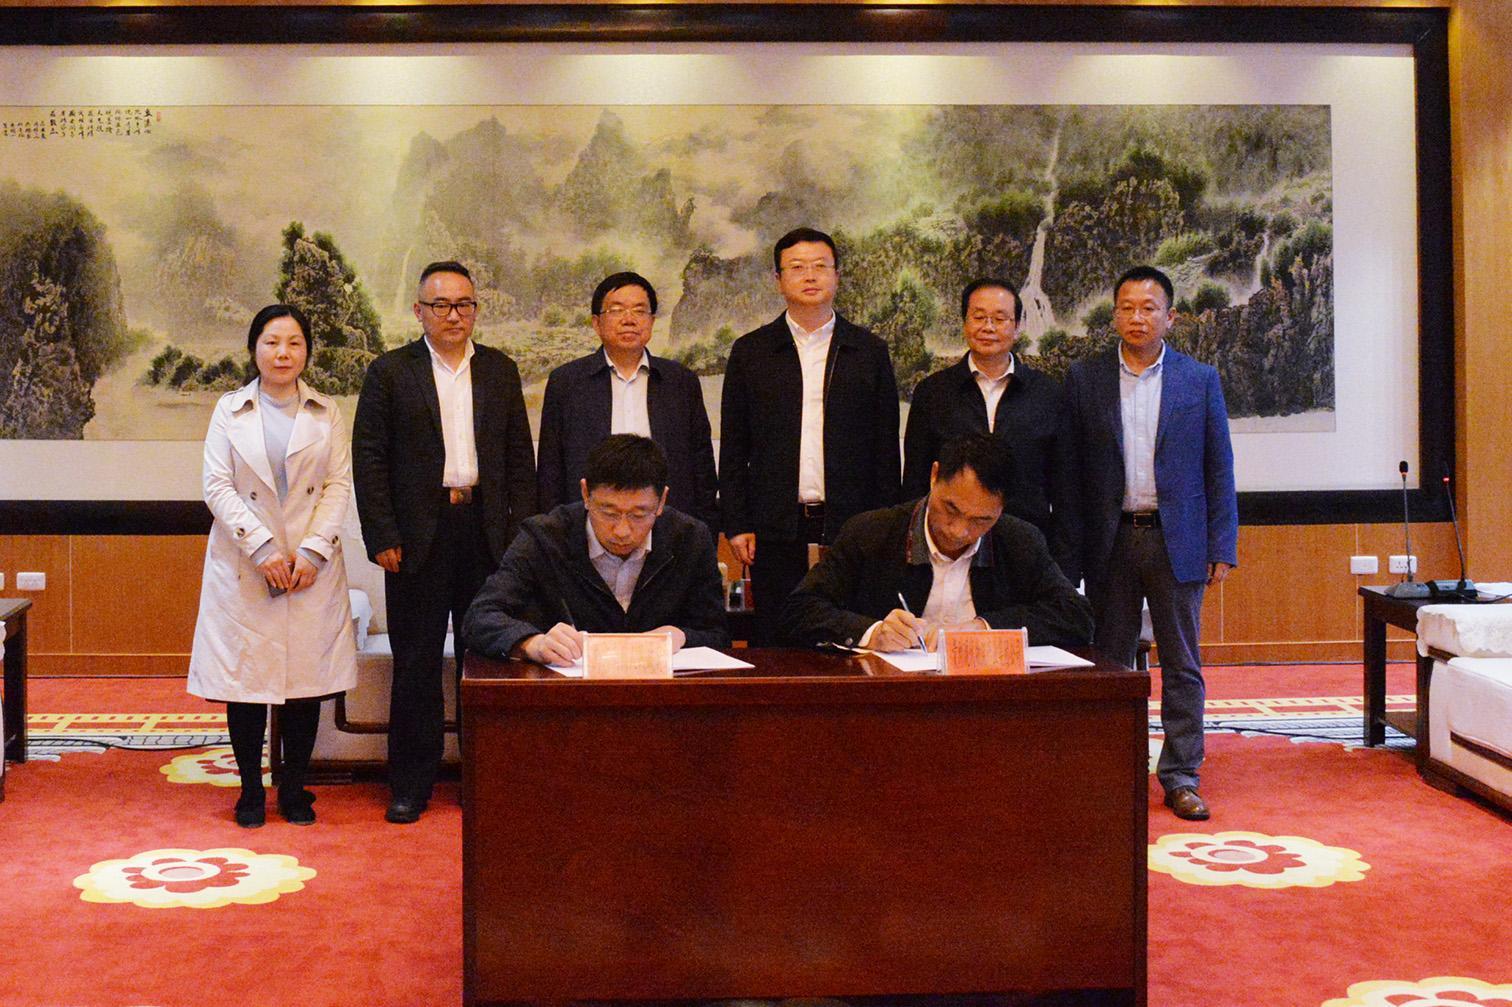 贵州现代物流产业集团与黔东南州政府签署战略合作协议